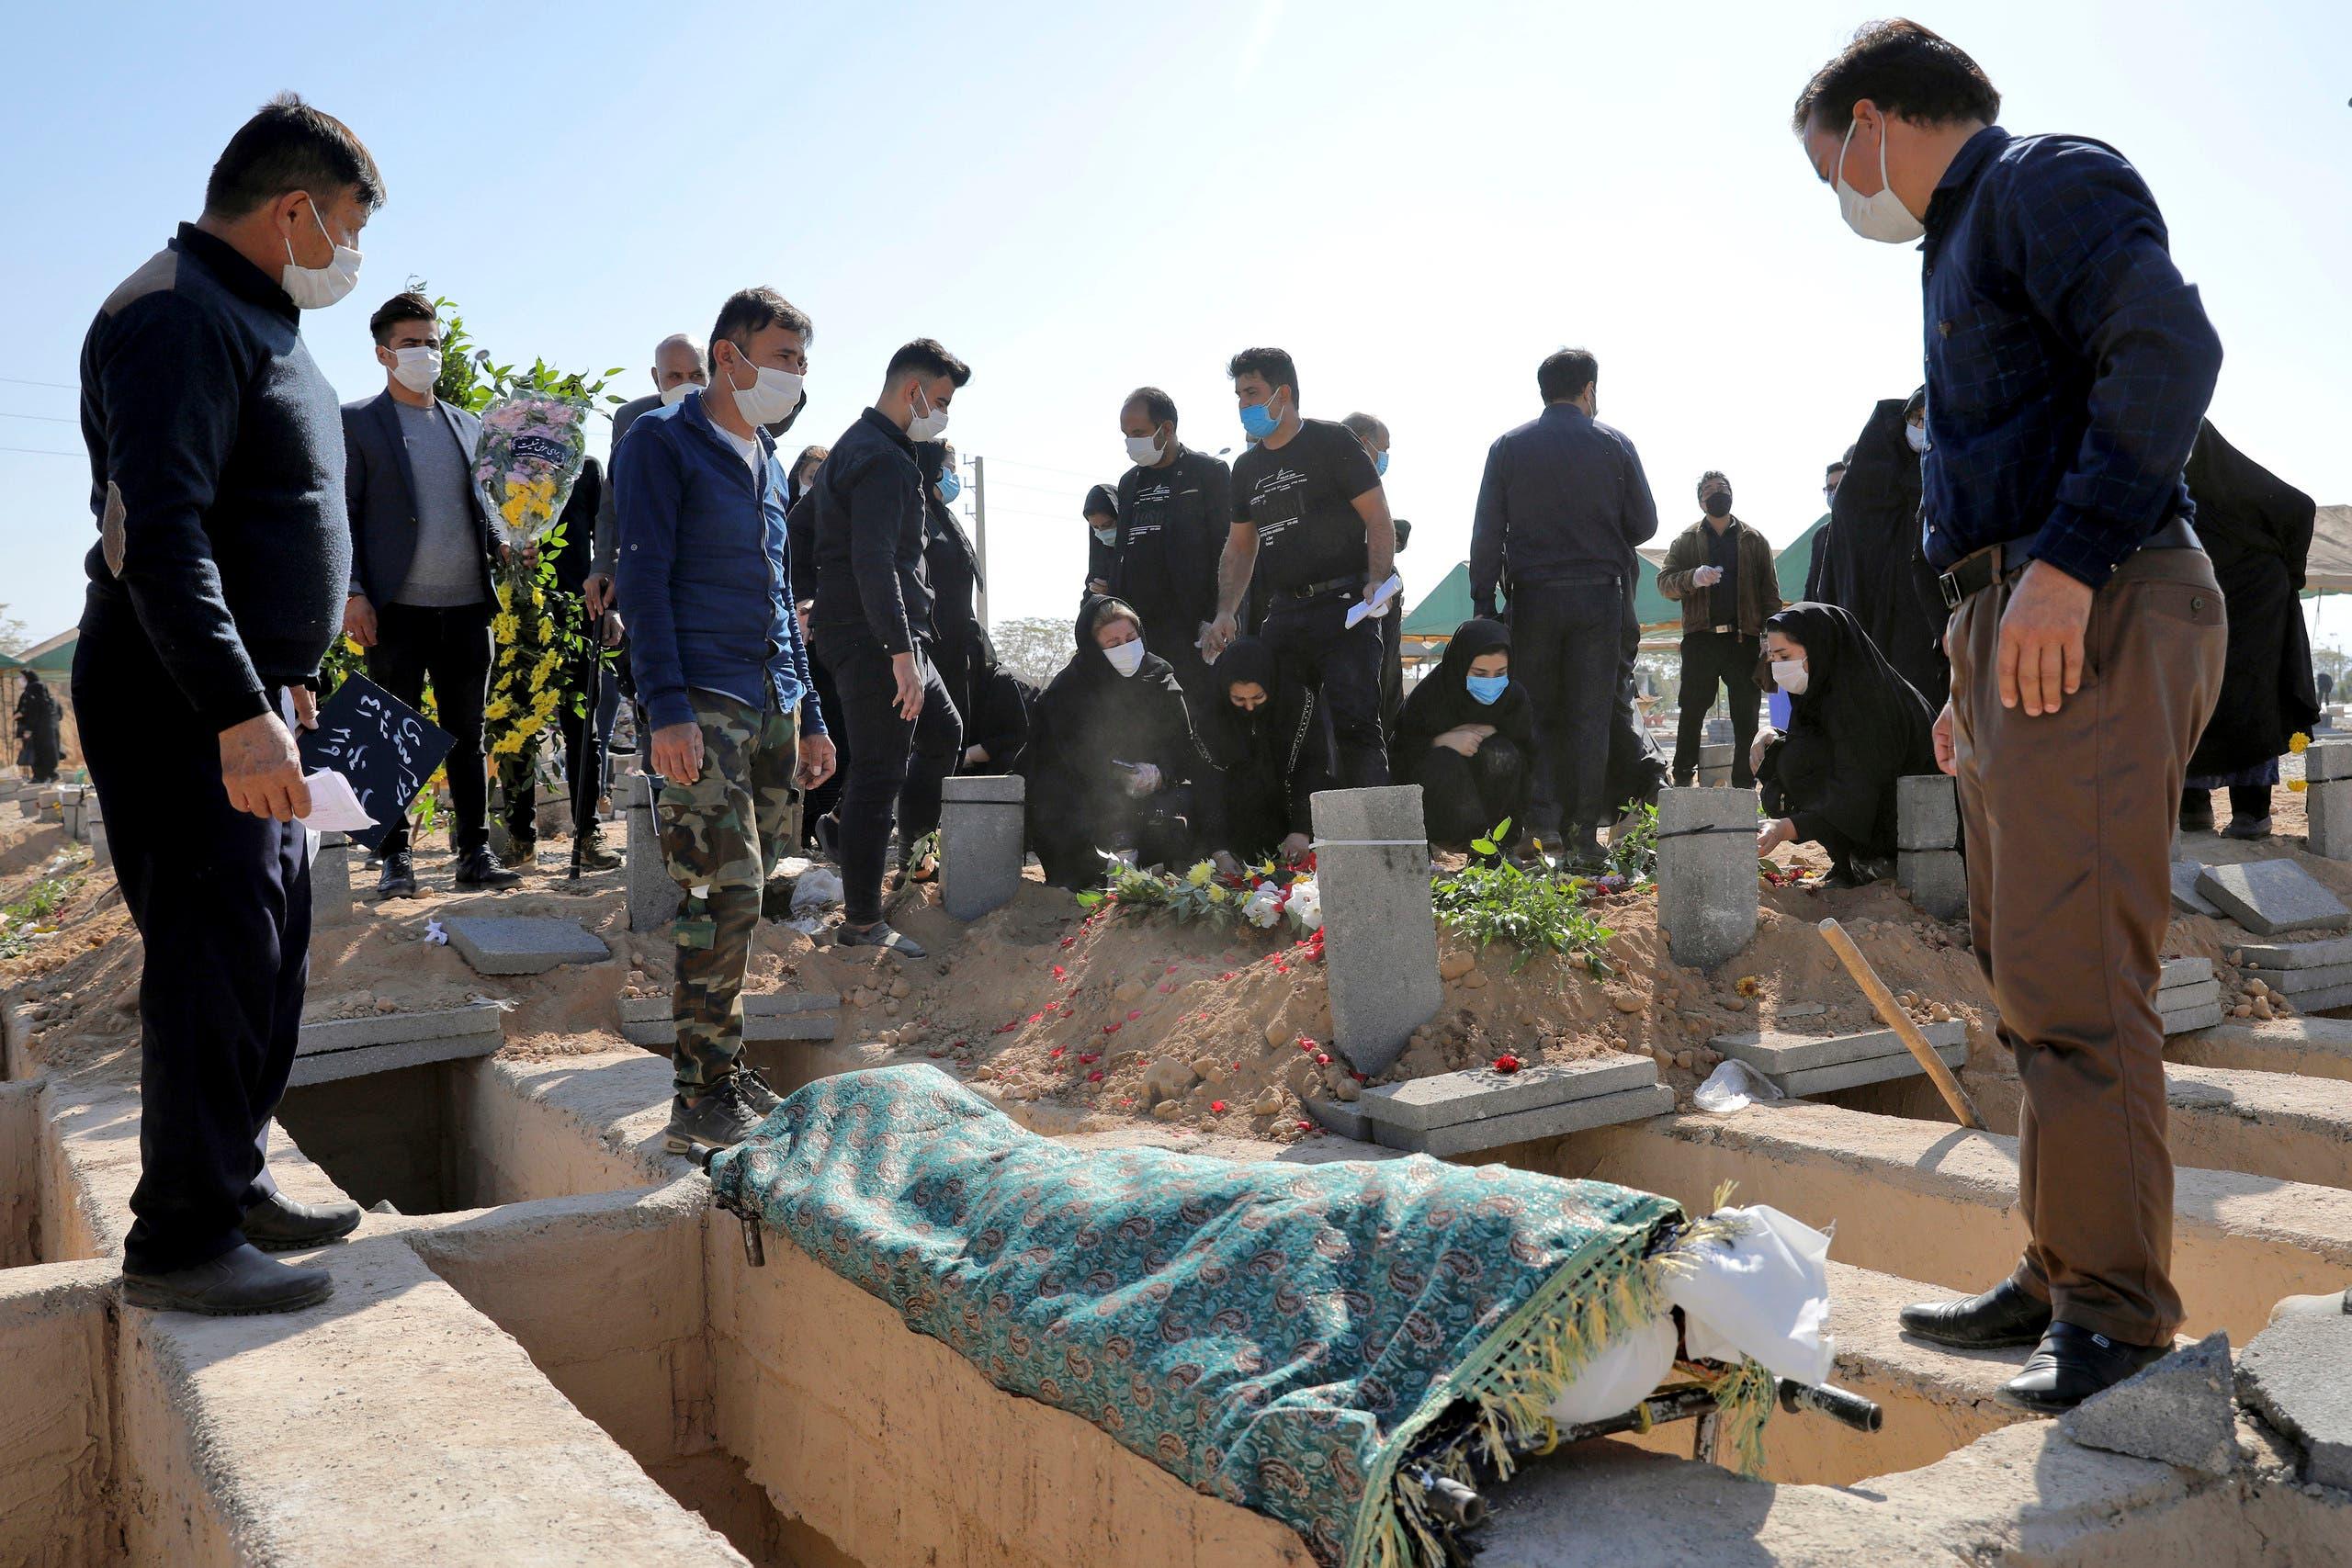 دفن أحد المتوفين